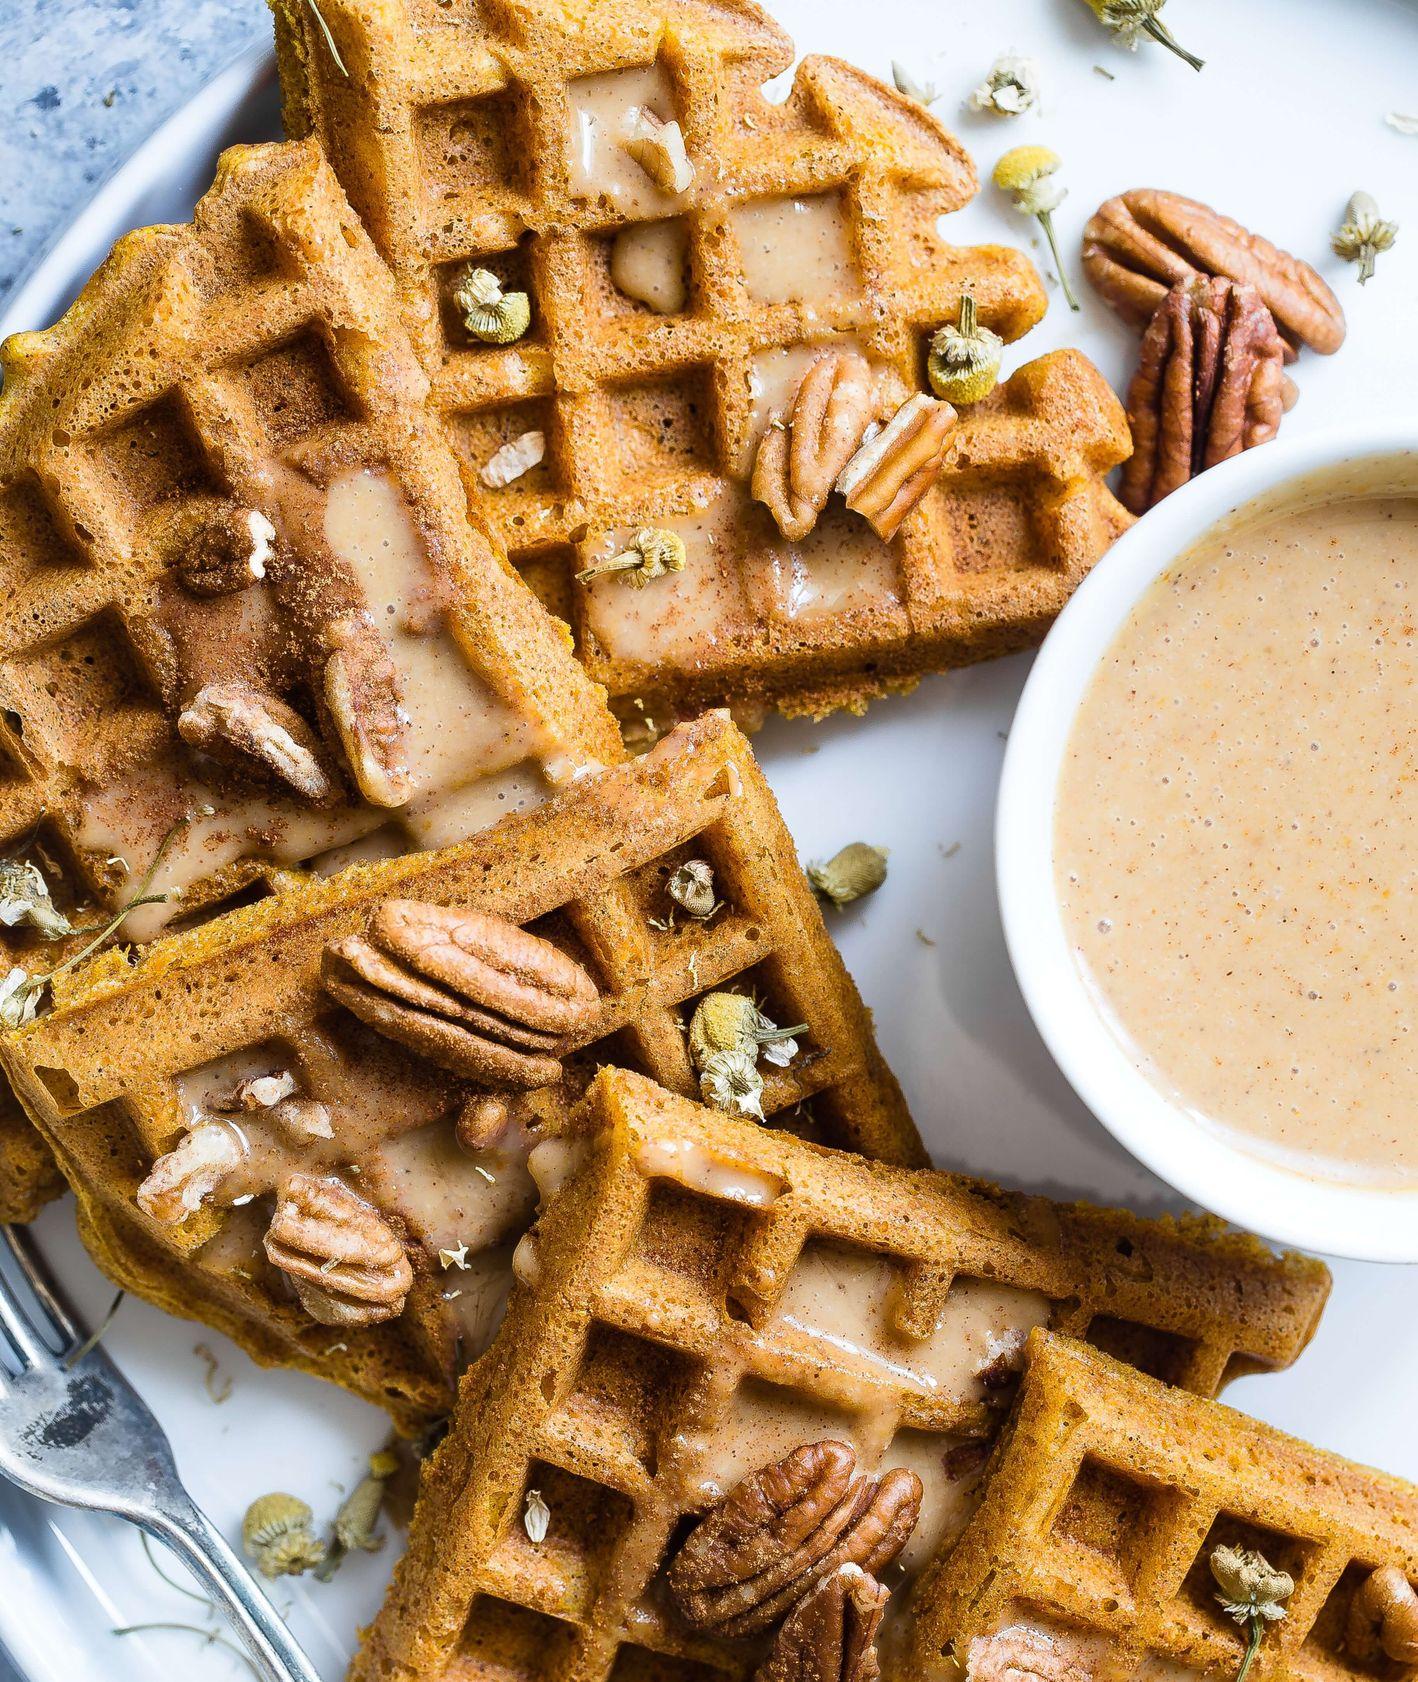 Jedzenie na poprawę nastroju – gofry z karmelem, orzechami i przyprawami (fot. Taylor Kiser / unsplash.com)